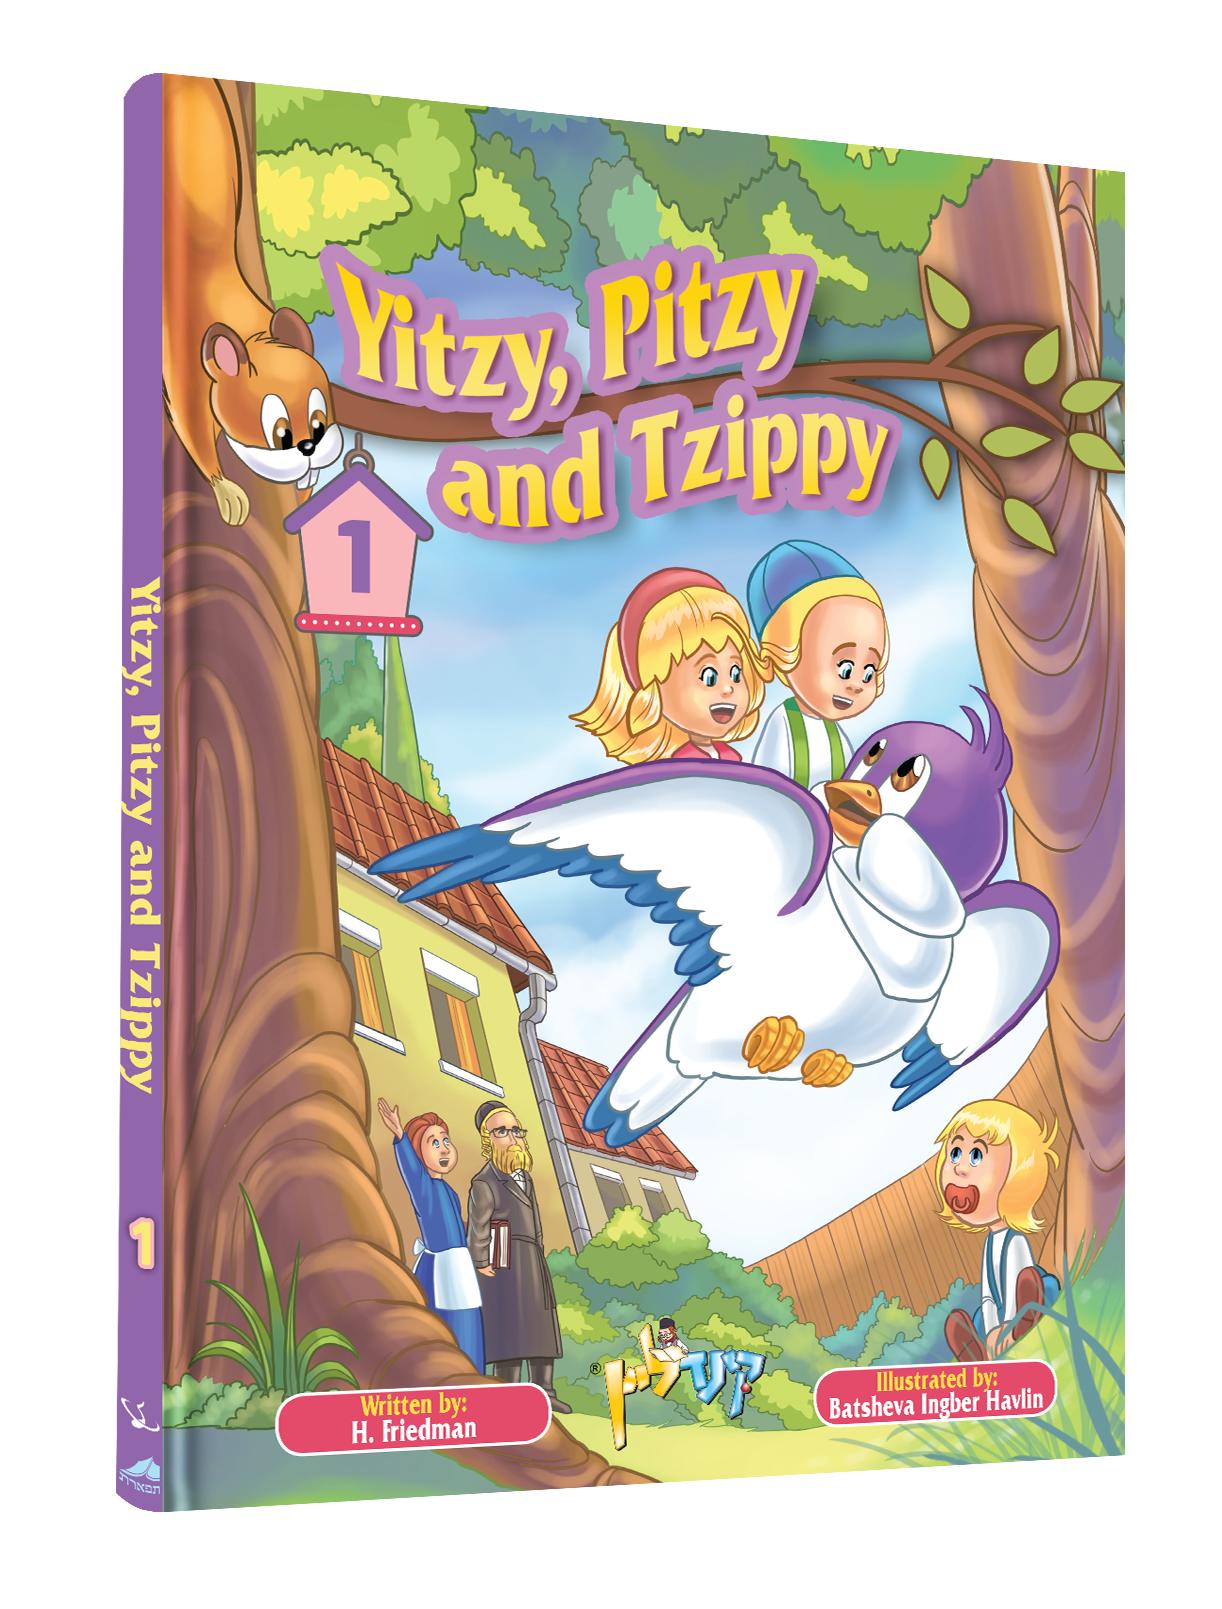 Yitzy,Pitzy And Tzippy